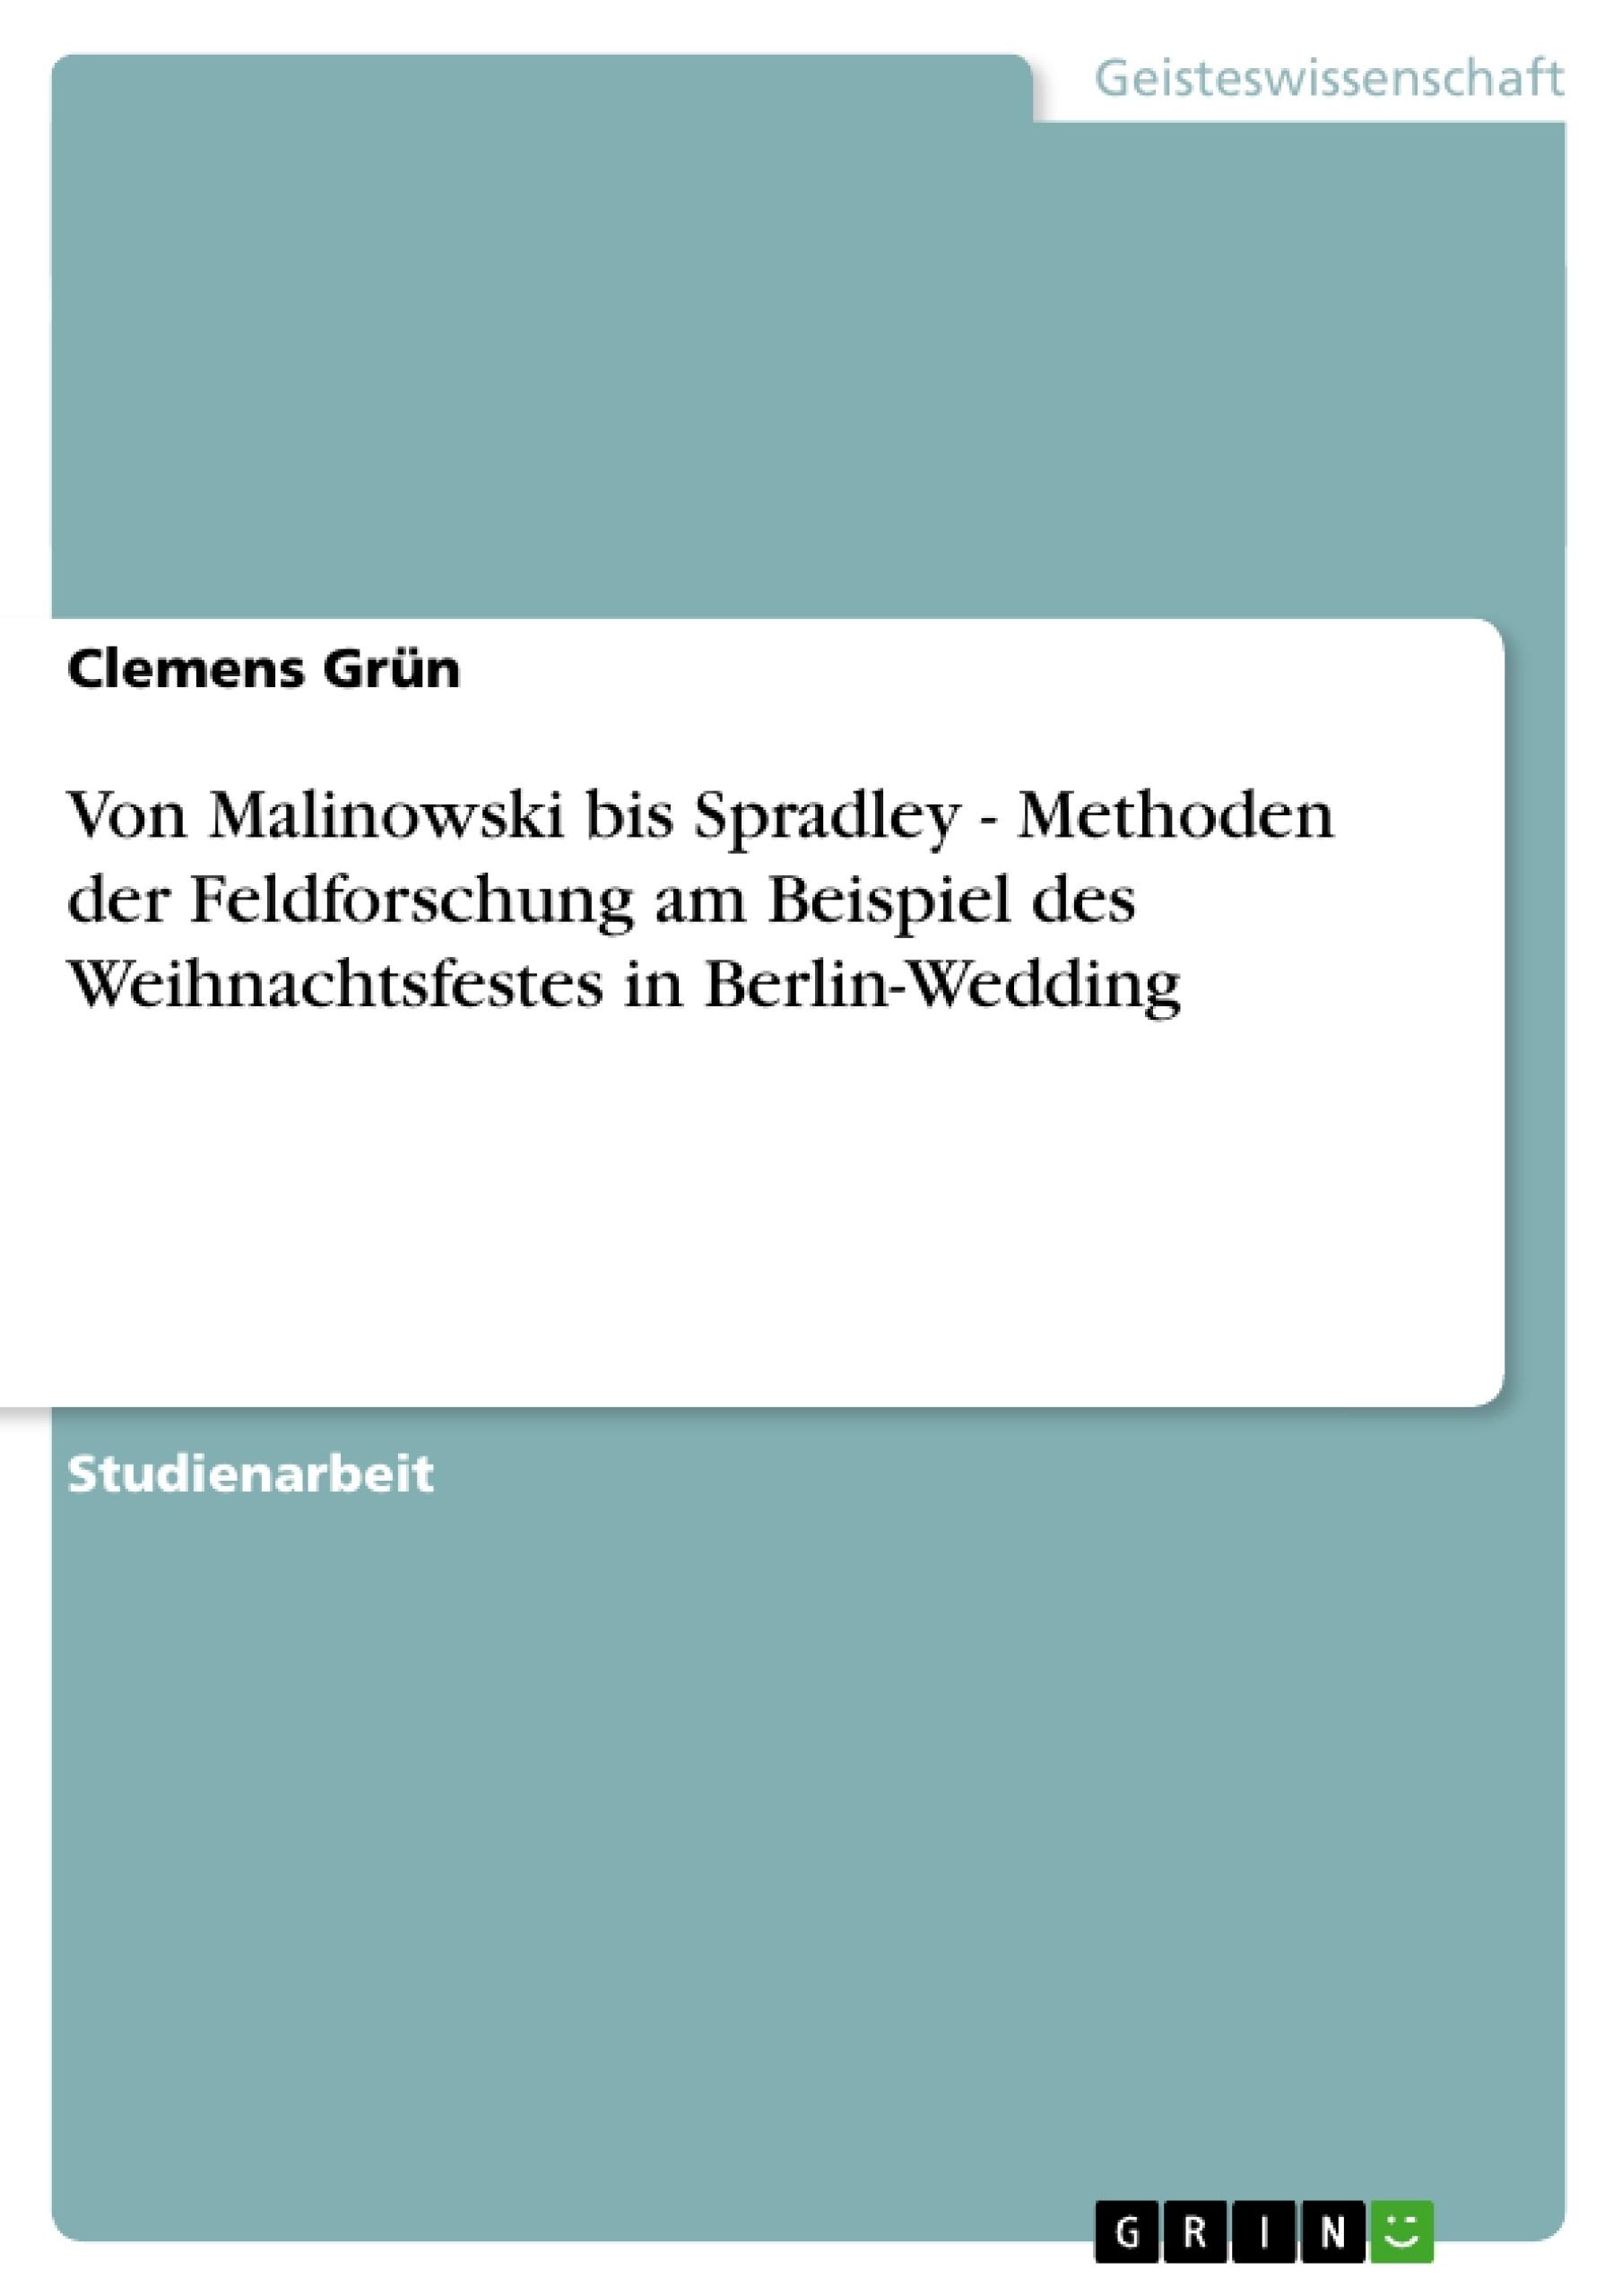 Titel: Von Malinowski bis Spradley - Methoden der Feldforschung am Beispiel des Weihnachtsfestes in Berlin-Wedding